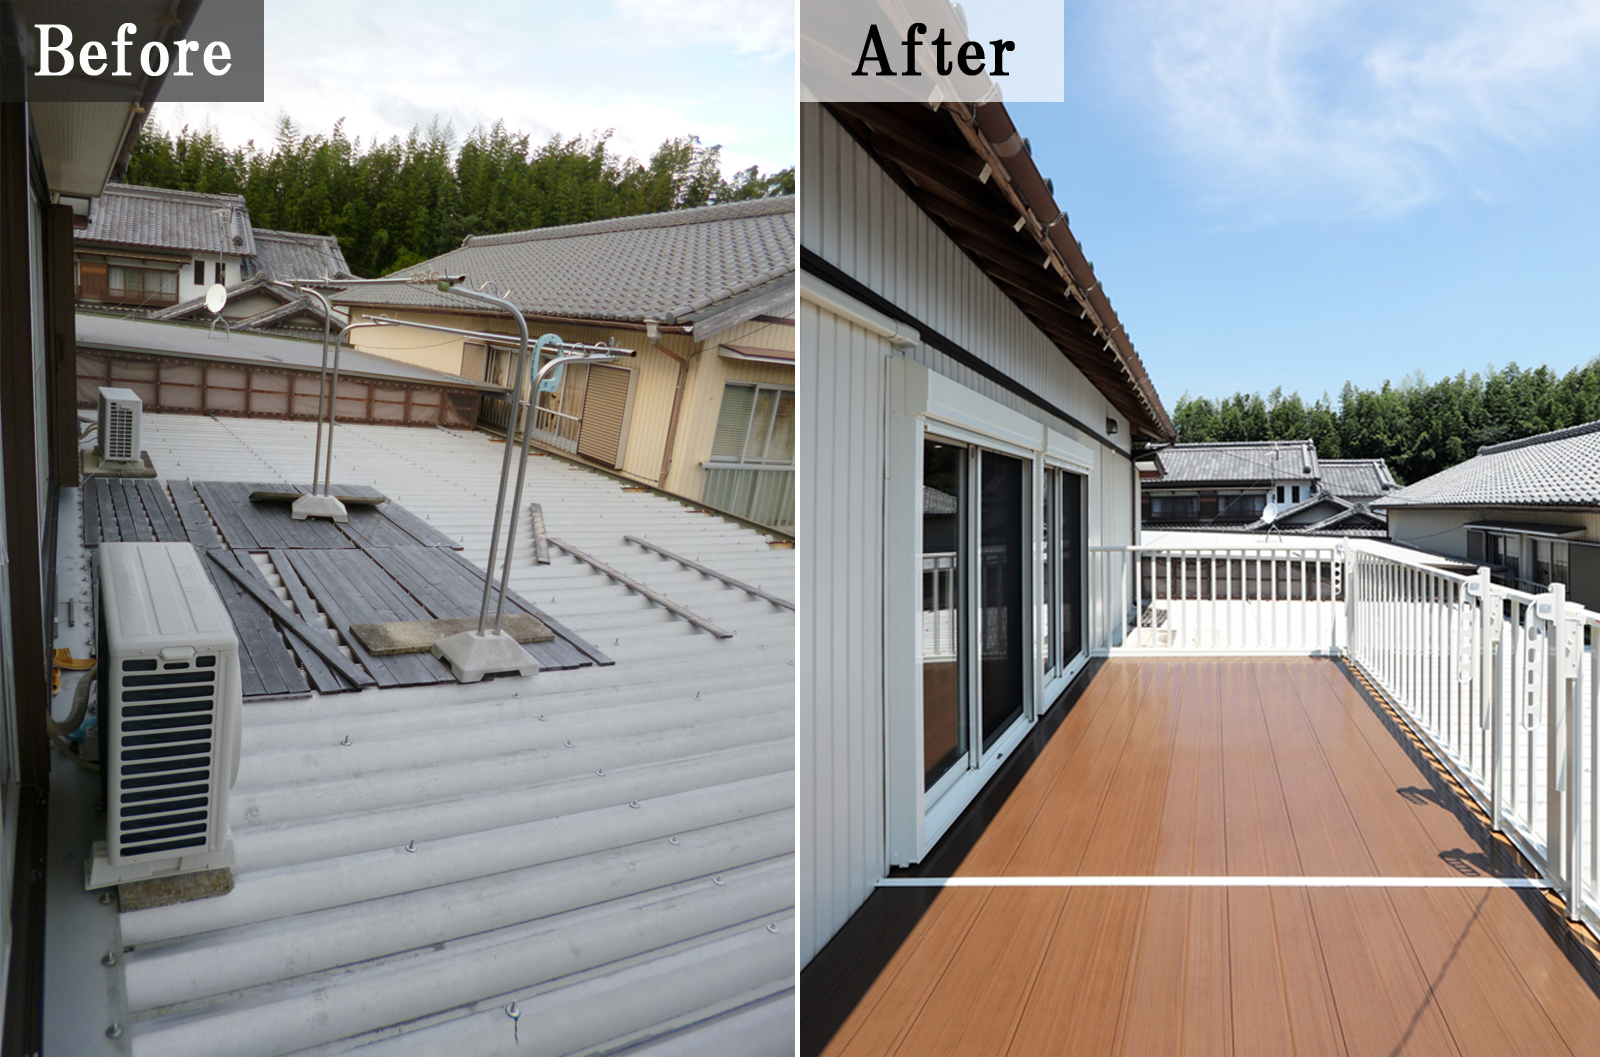 1階の屋根を利用した簡易物干しスペースも安全なバルコニーになりました。